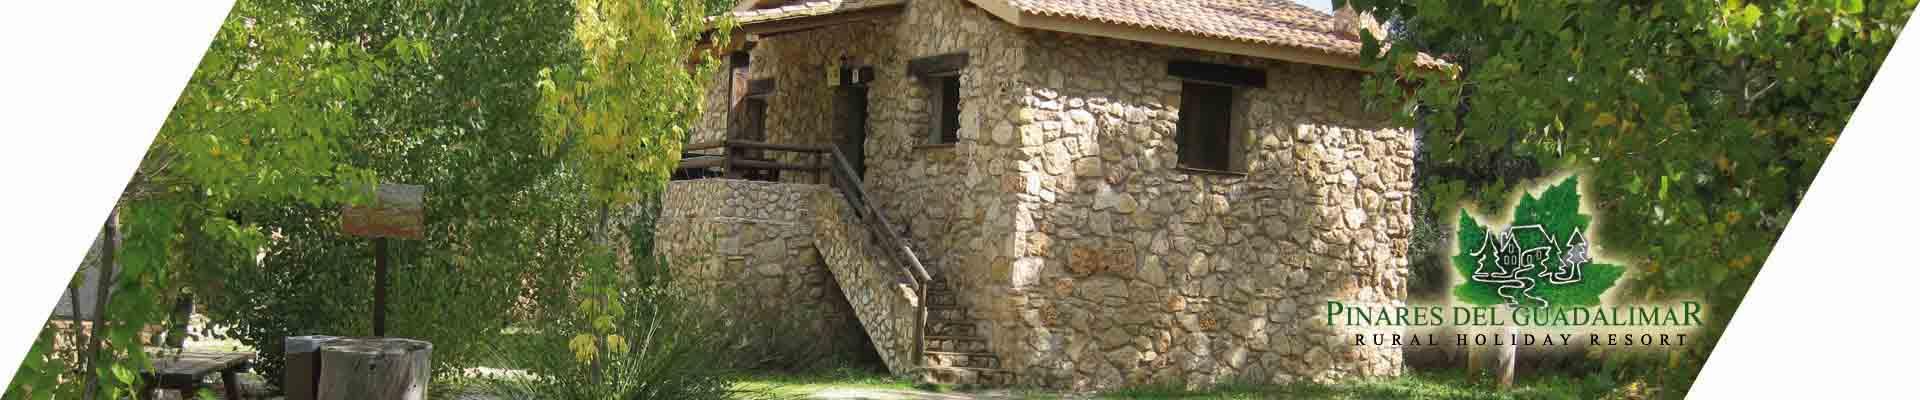 Casas rurales pinares del guadalimar - Rio mundo casas rurales ...